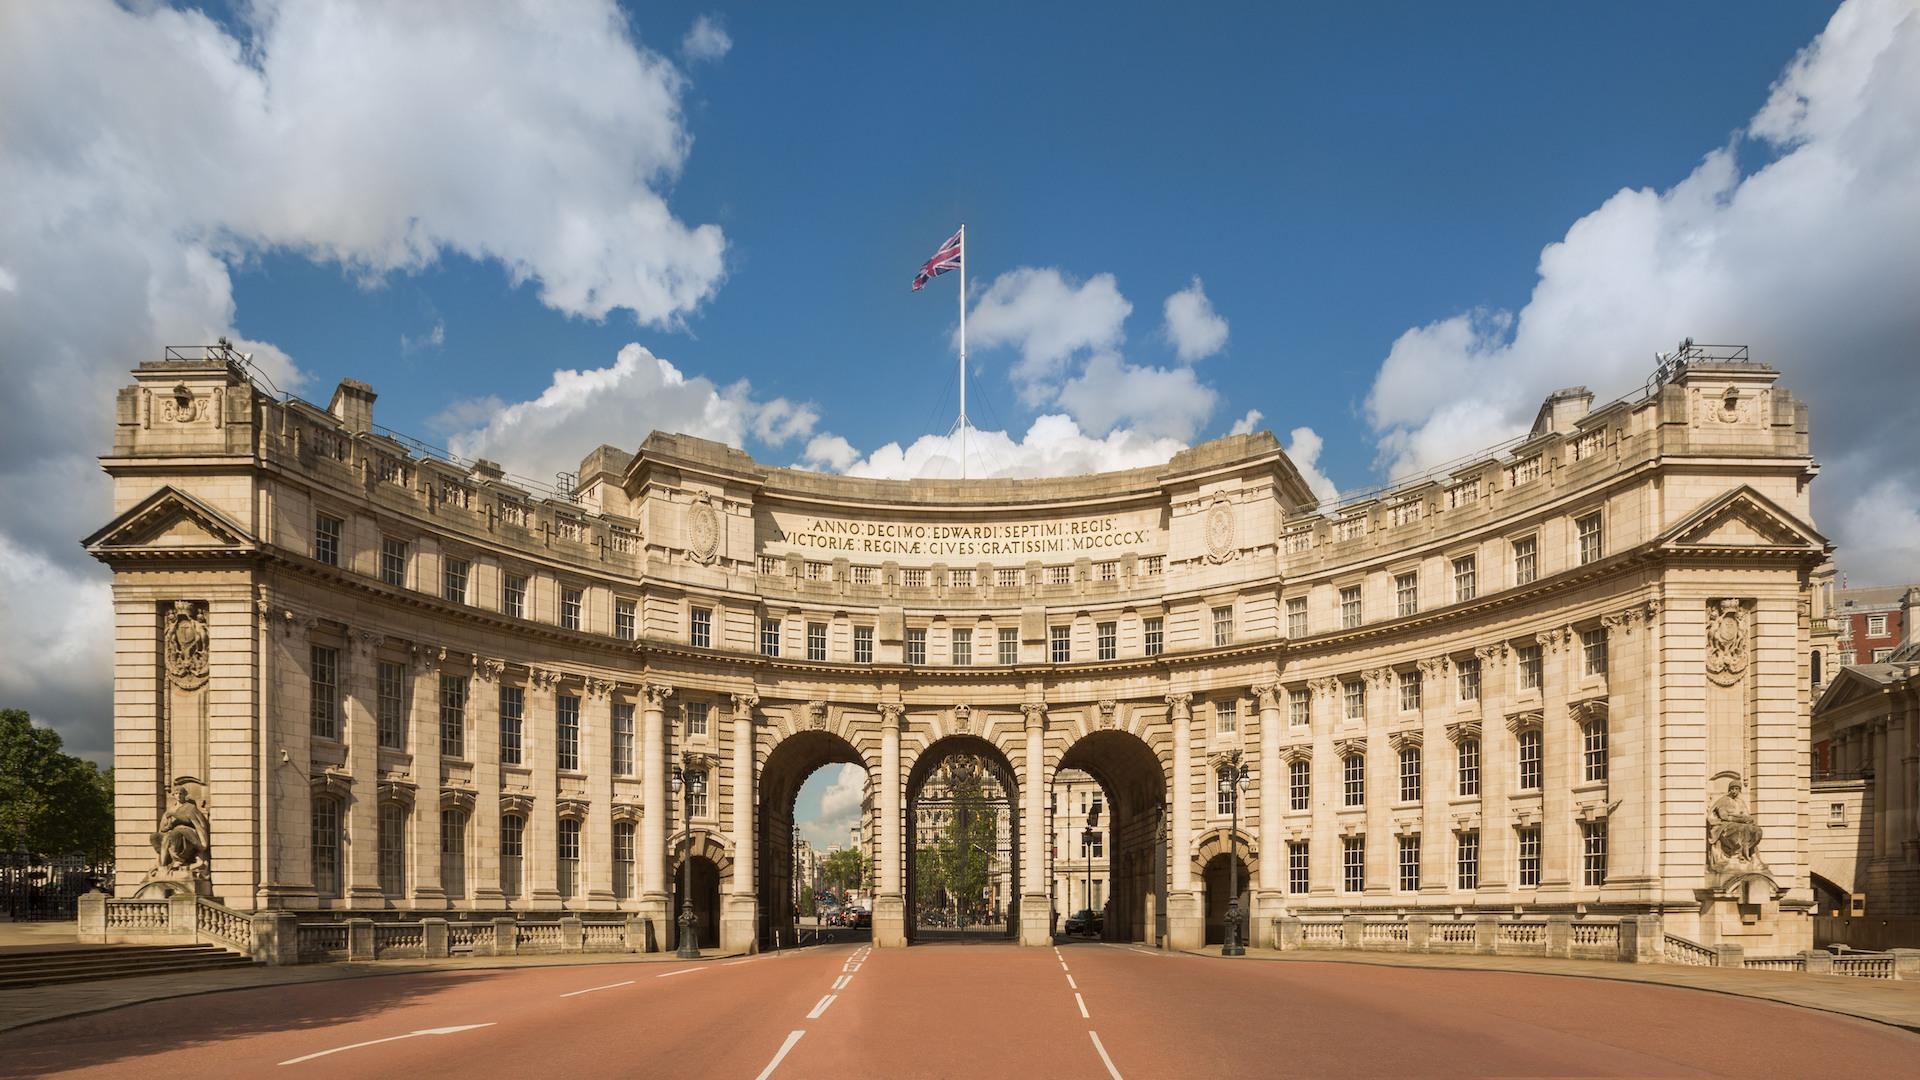 Londres se prepara para recibir un hotel Waldorf Astoria